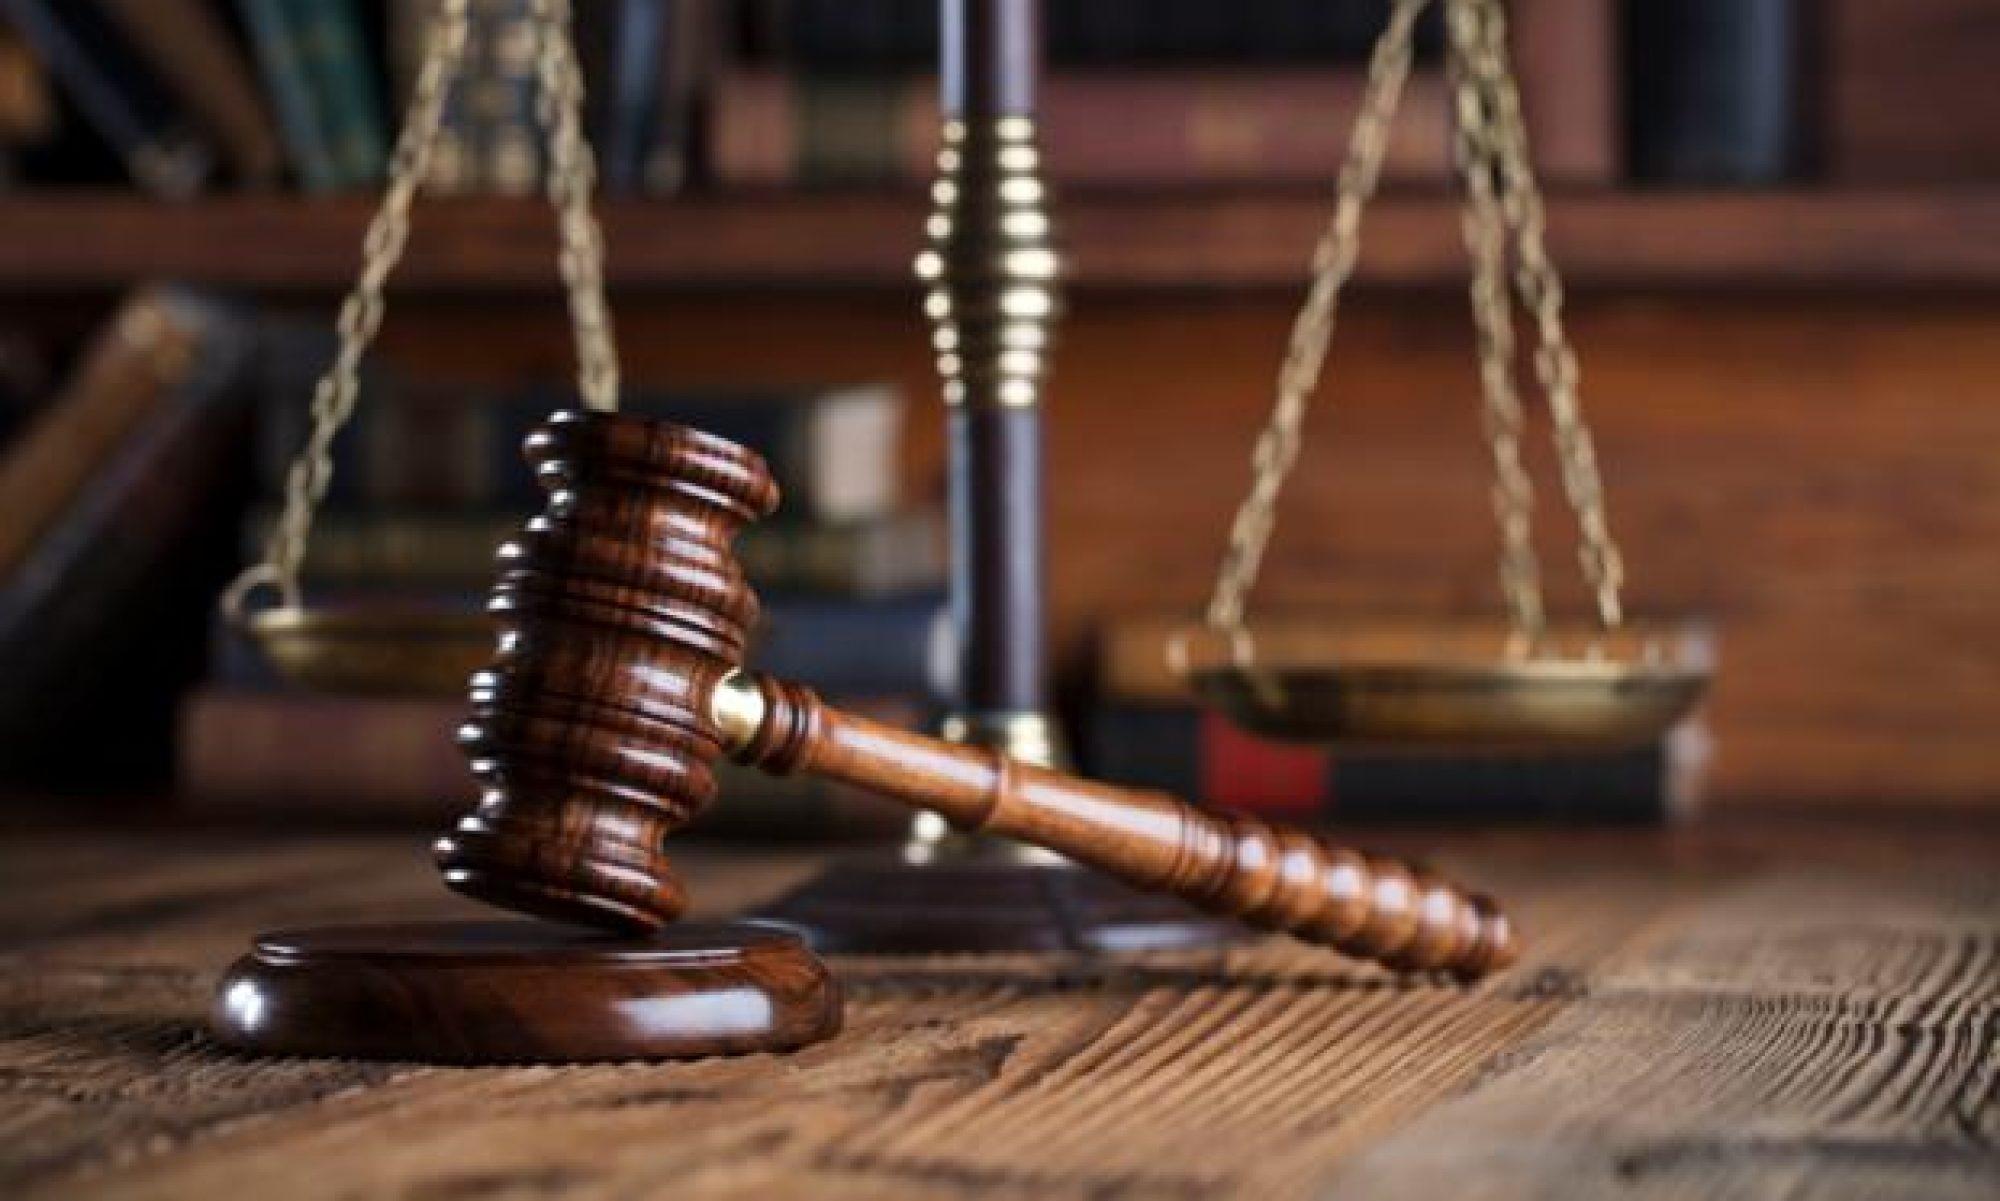 خدمات مشاوره حقوقی ملکی را در دفتر مشاوره املاک ملکانا تجربه کنید 2